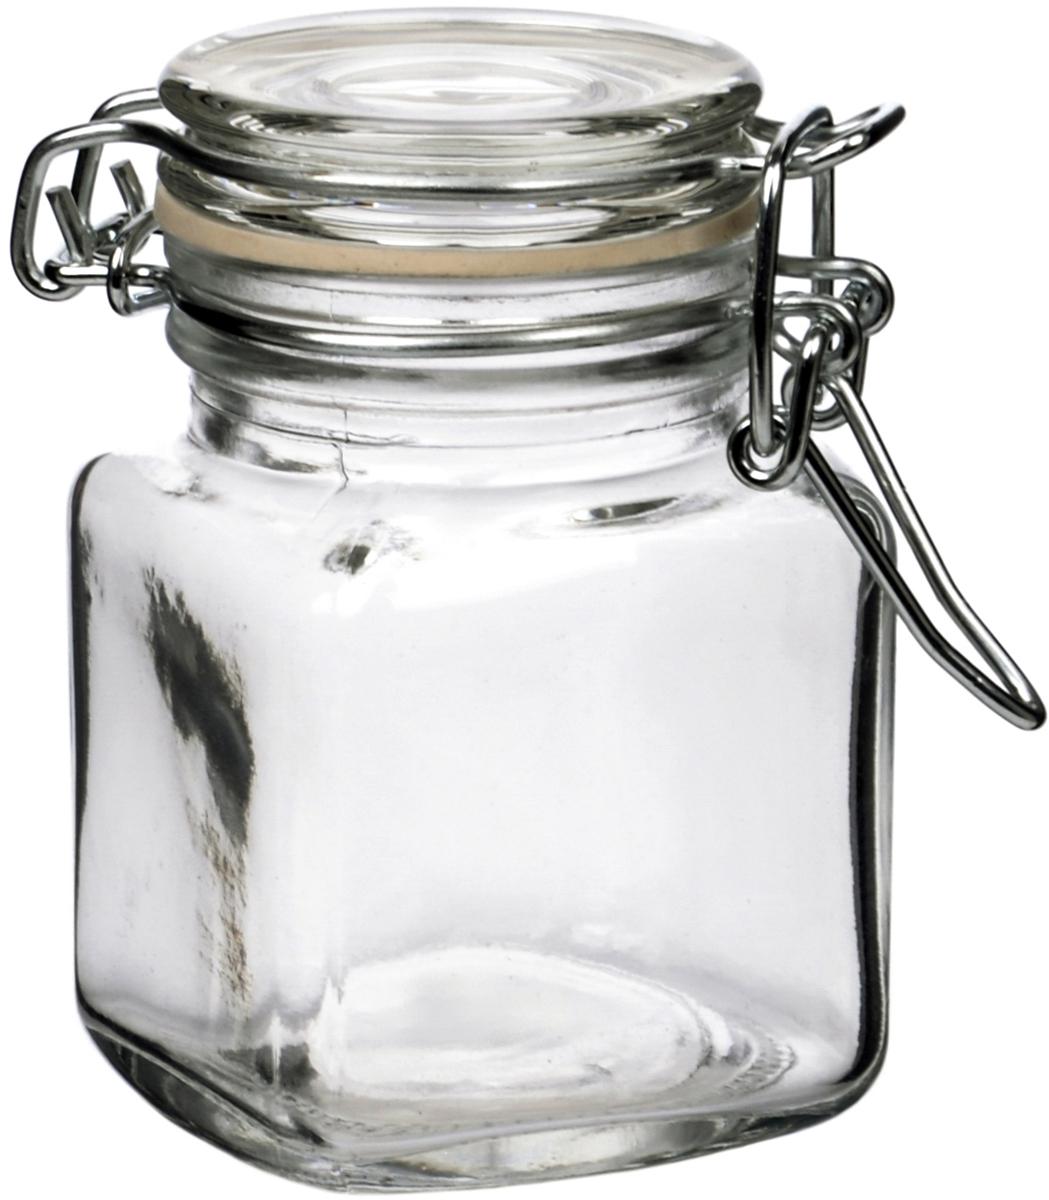 Банка Zibo Shelley изготовлена из высококачественного стекла, подходит для хранения сыпучих продуктов: круп, специй, сахара, соли. Она снабжена металлической крышкой, которая плотно и герметично закрывается, дольше сохраняя аромат и свежесть содержимого.  Банка для сыпучих продуктов Zibo Shelley станет полезным приобретением и пригодится на любой кухне.